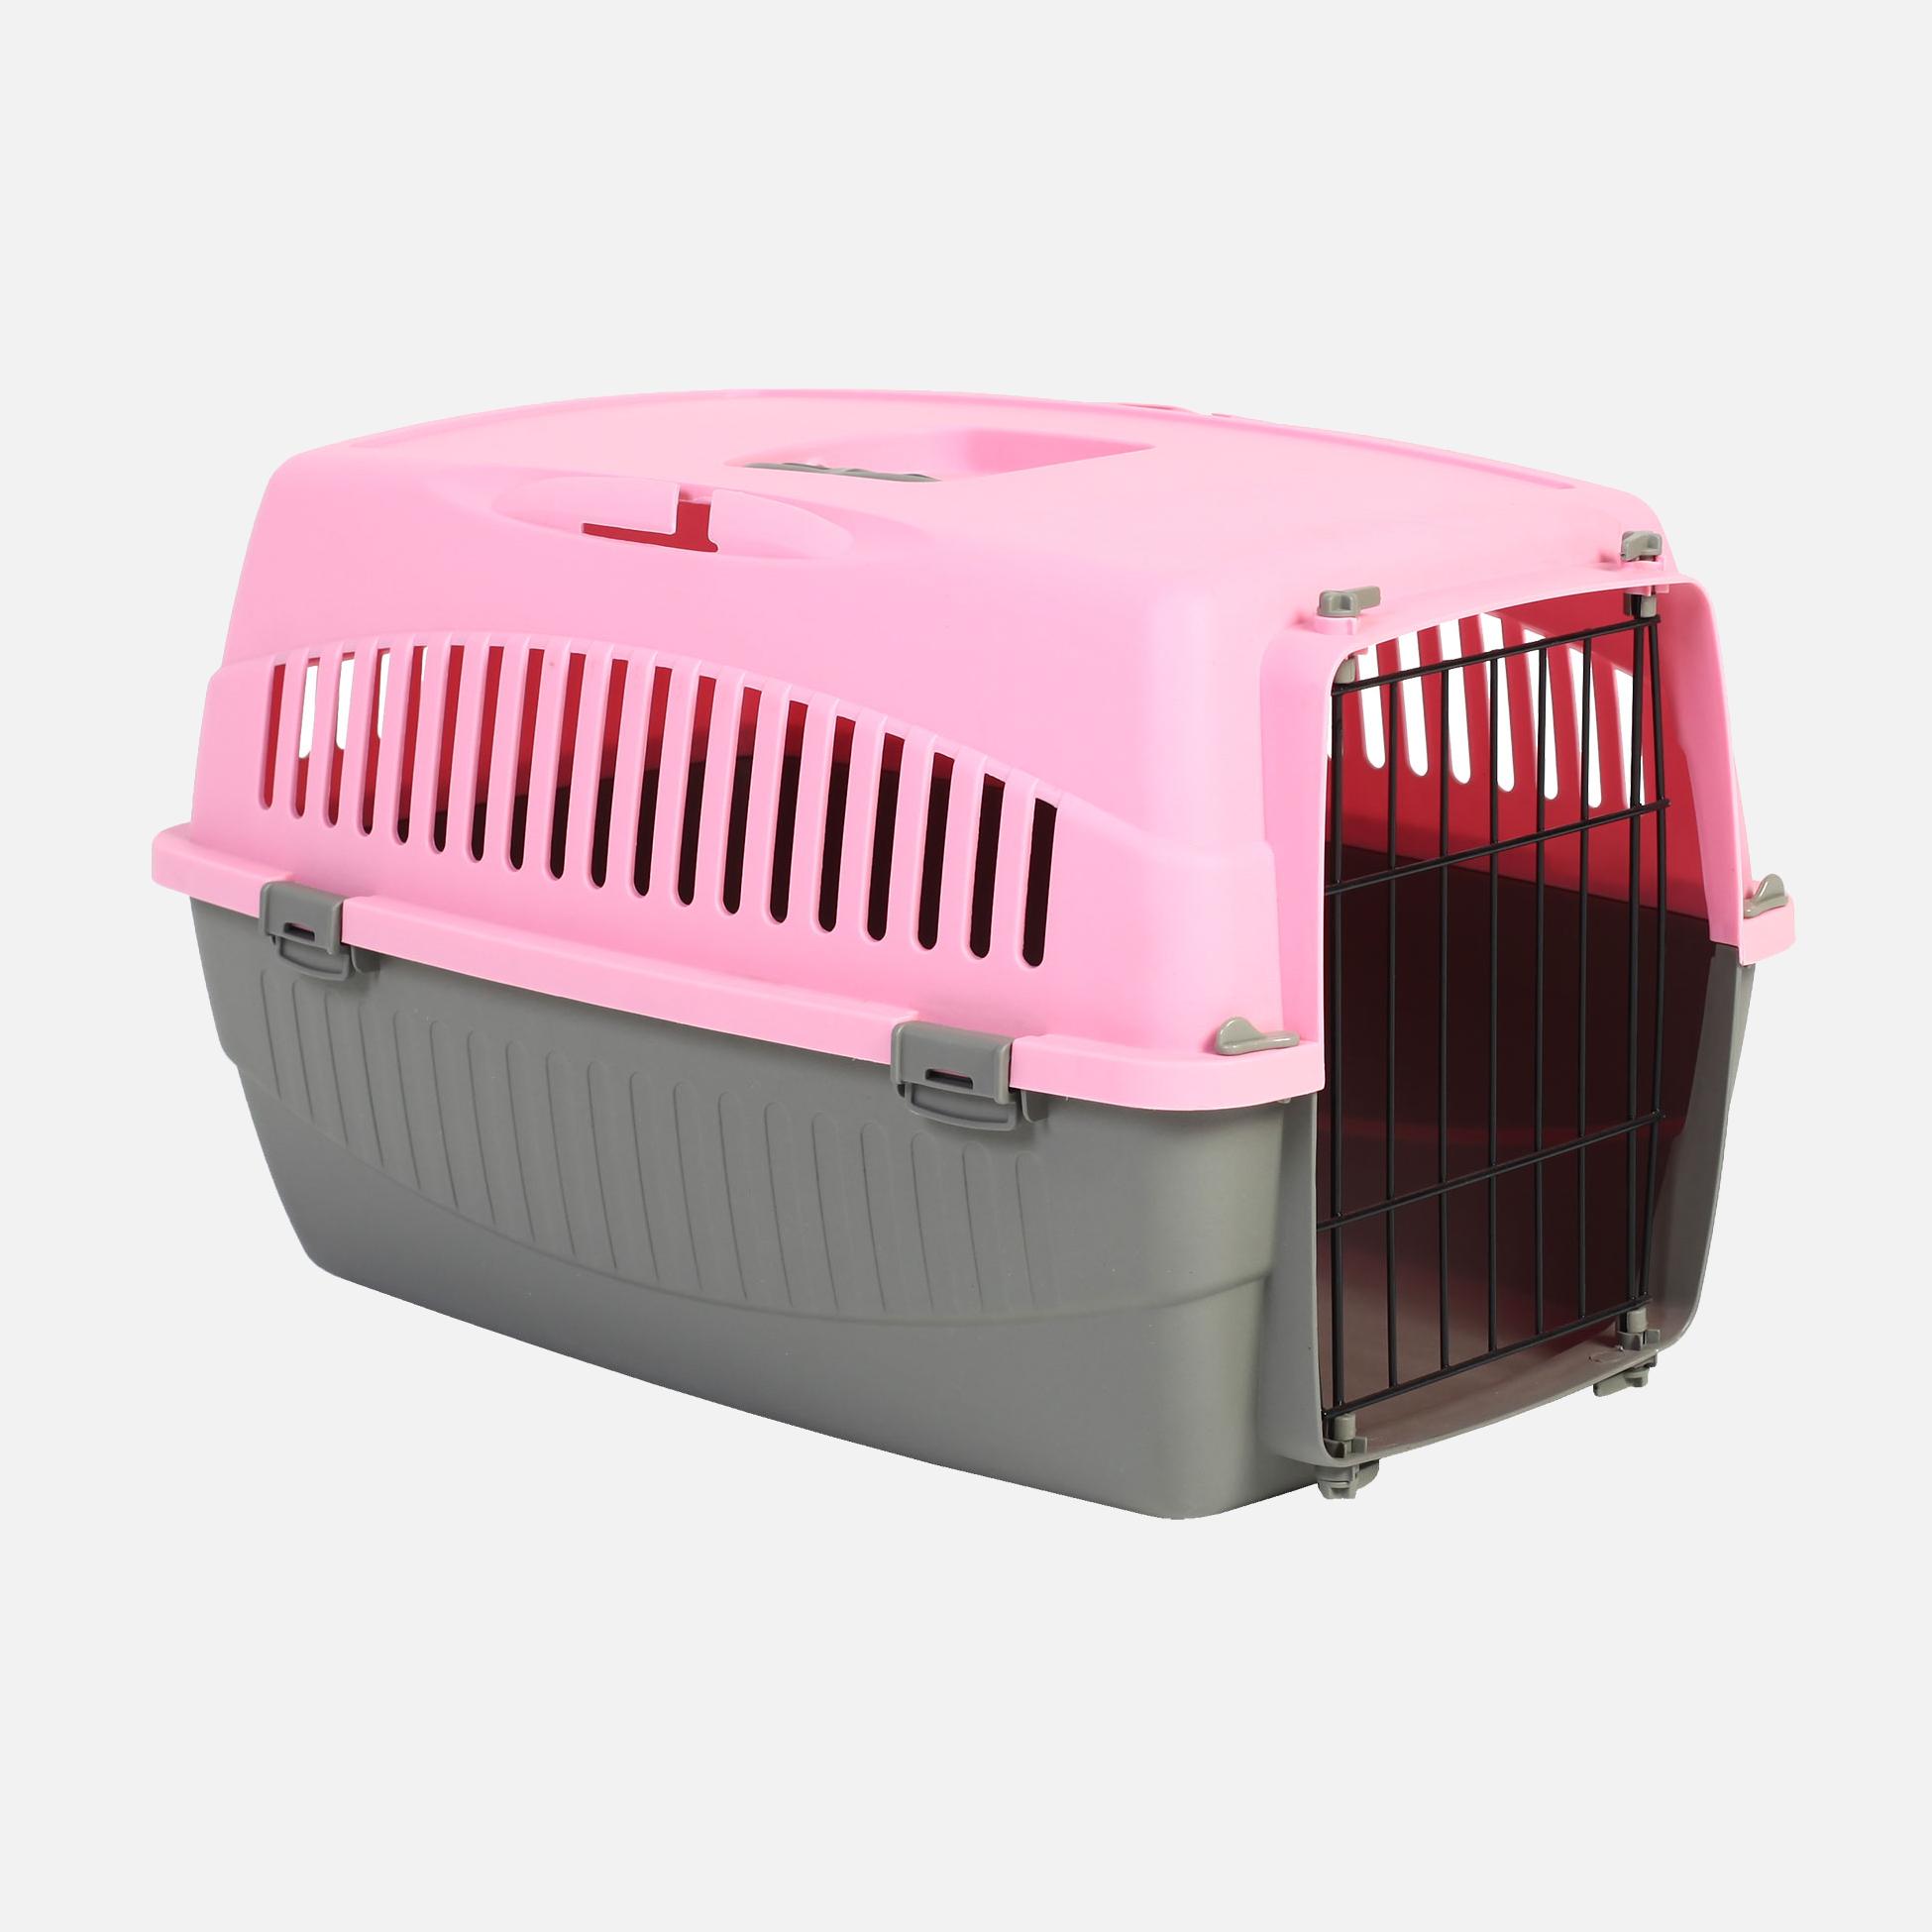 Caisses plastique de transport rose par wouapy